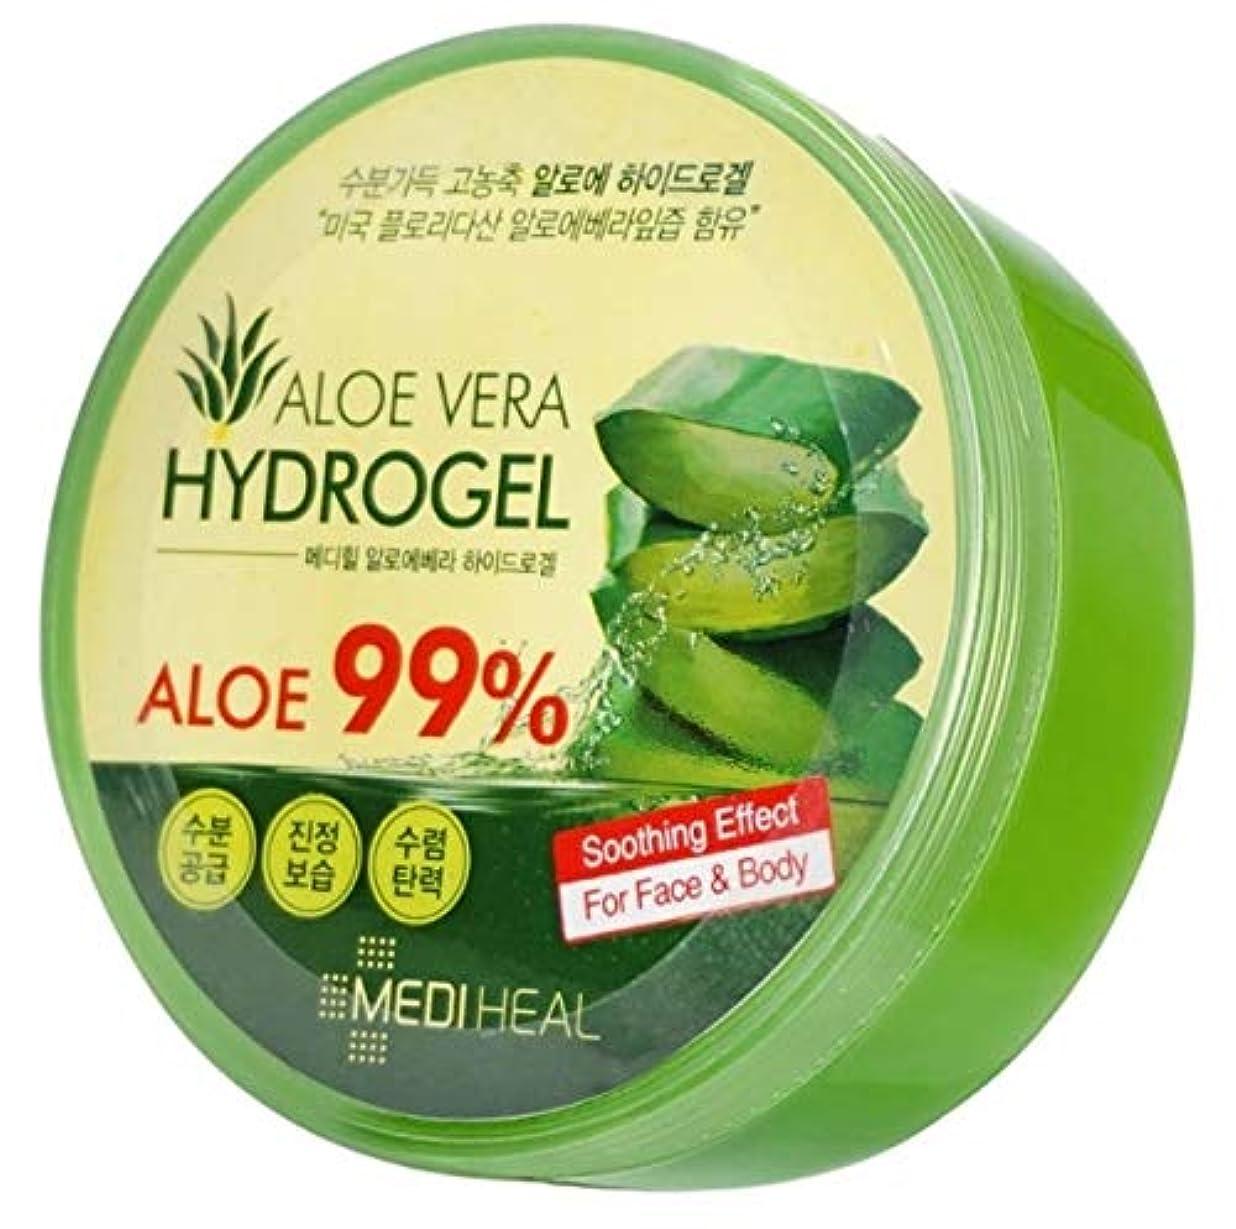 品種孤独計画Mediheal メディヒール Skin Soothing なだめるような & Moisture 水分 99% Aloe アロエ Vera Hydro Gels ハイドロゲル